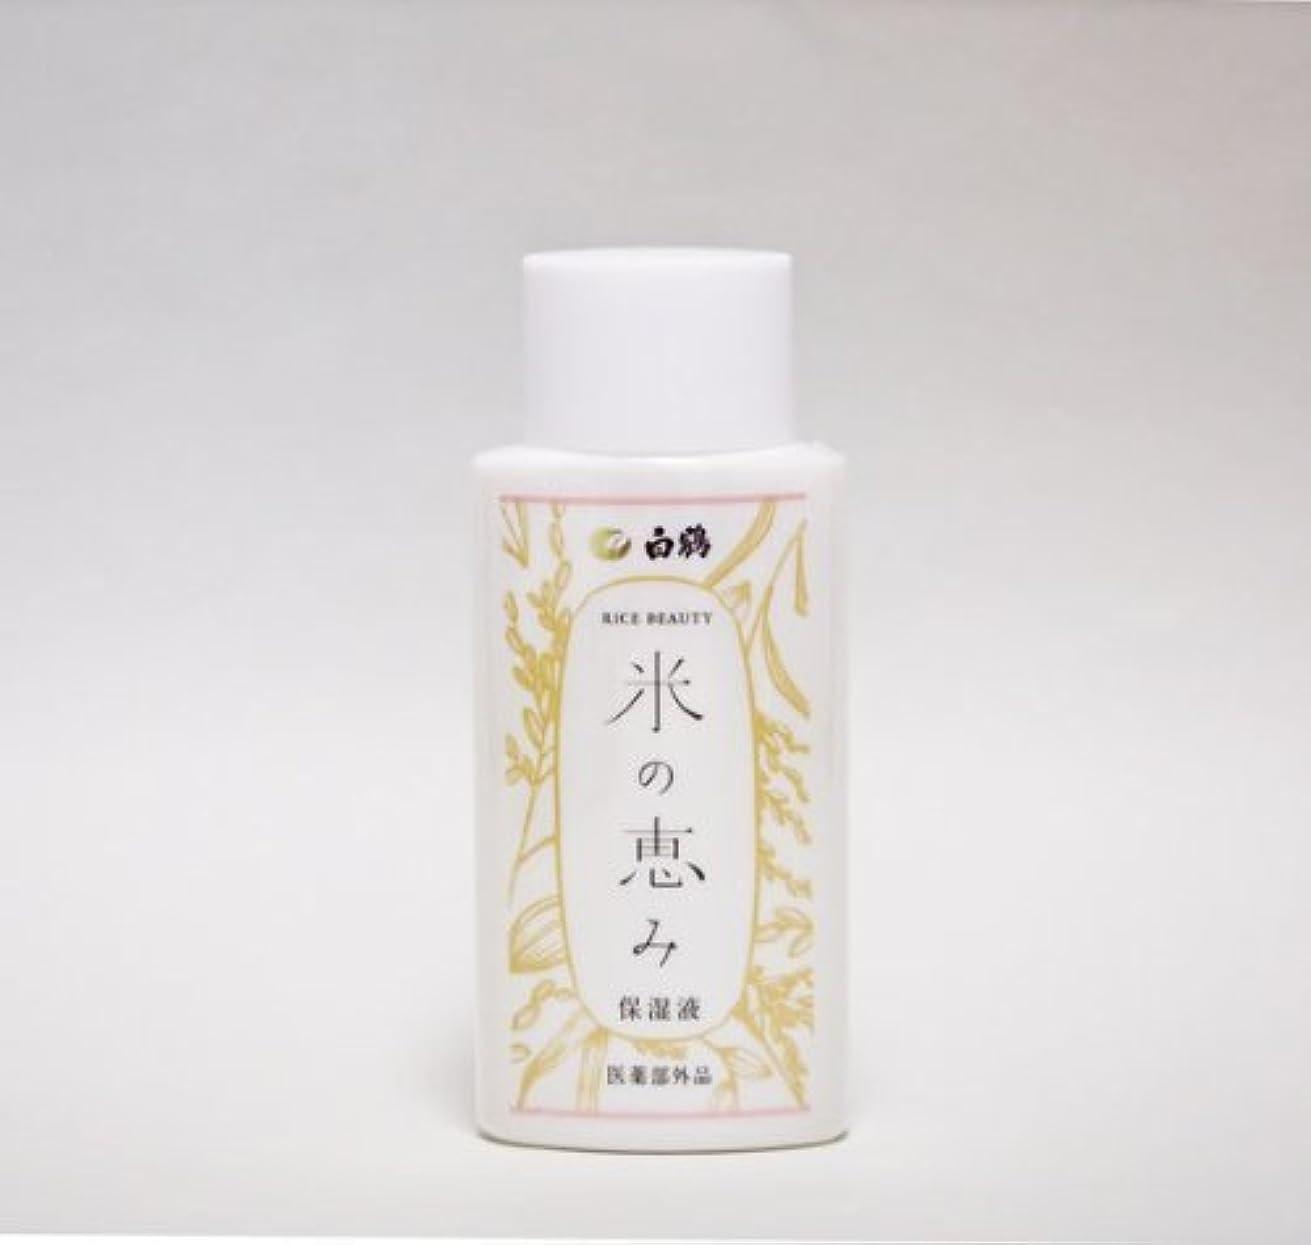 安価な美的公爵夫人白鶴 ライスビューティー 米の恵み 保湿液 150ml(高保湿とろみ化粧水/医薬部外品)